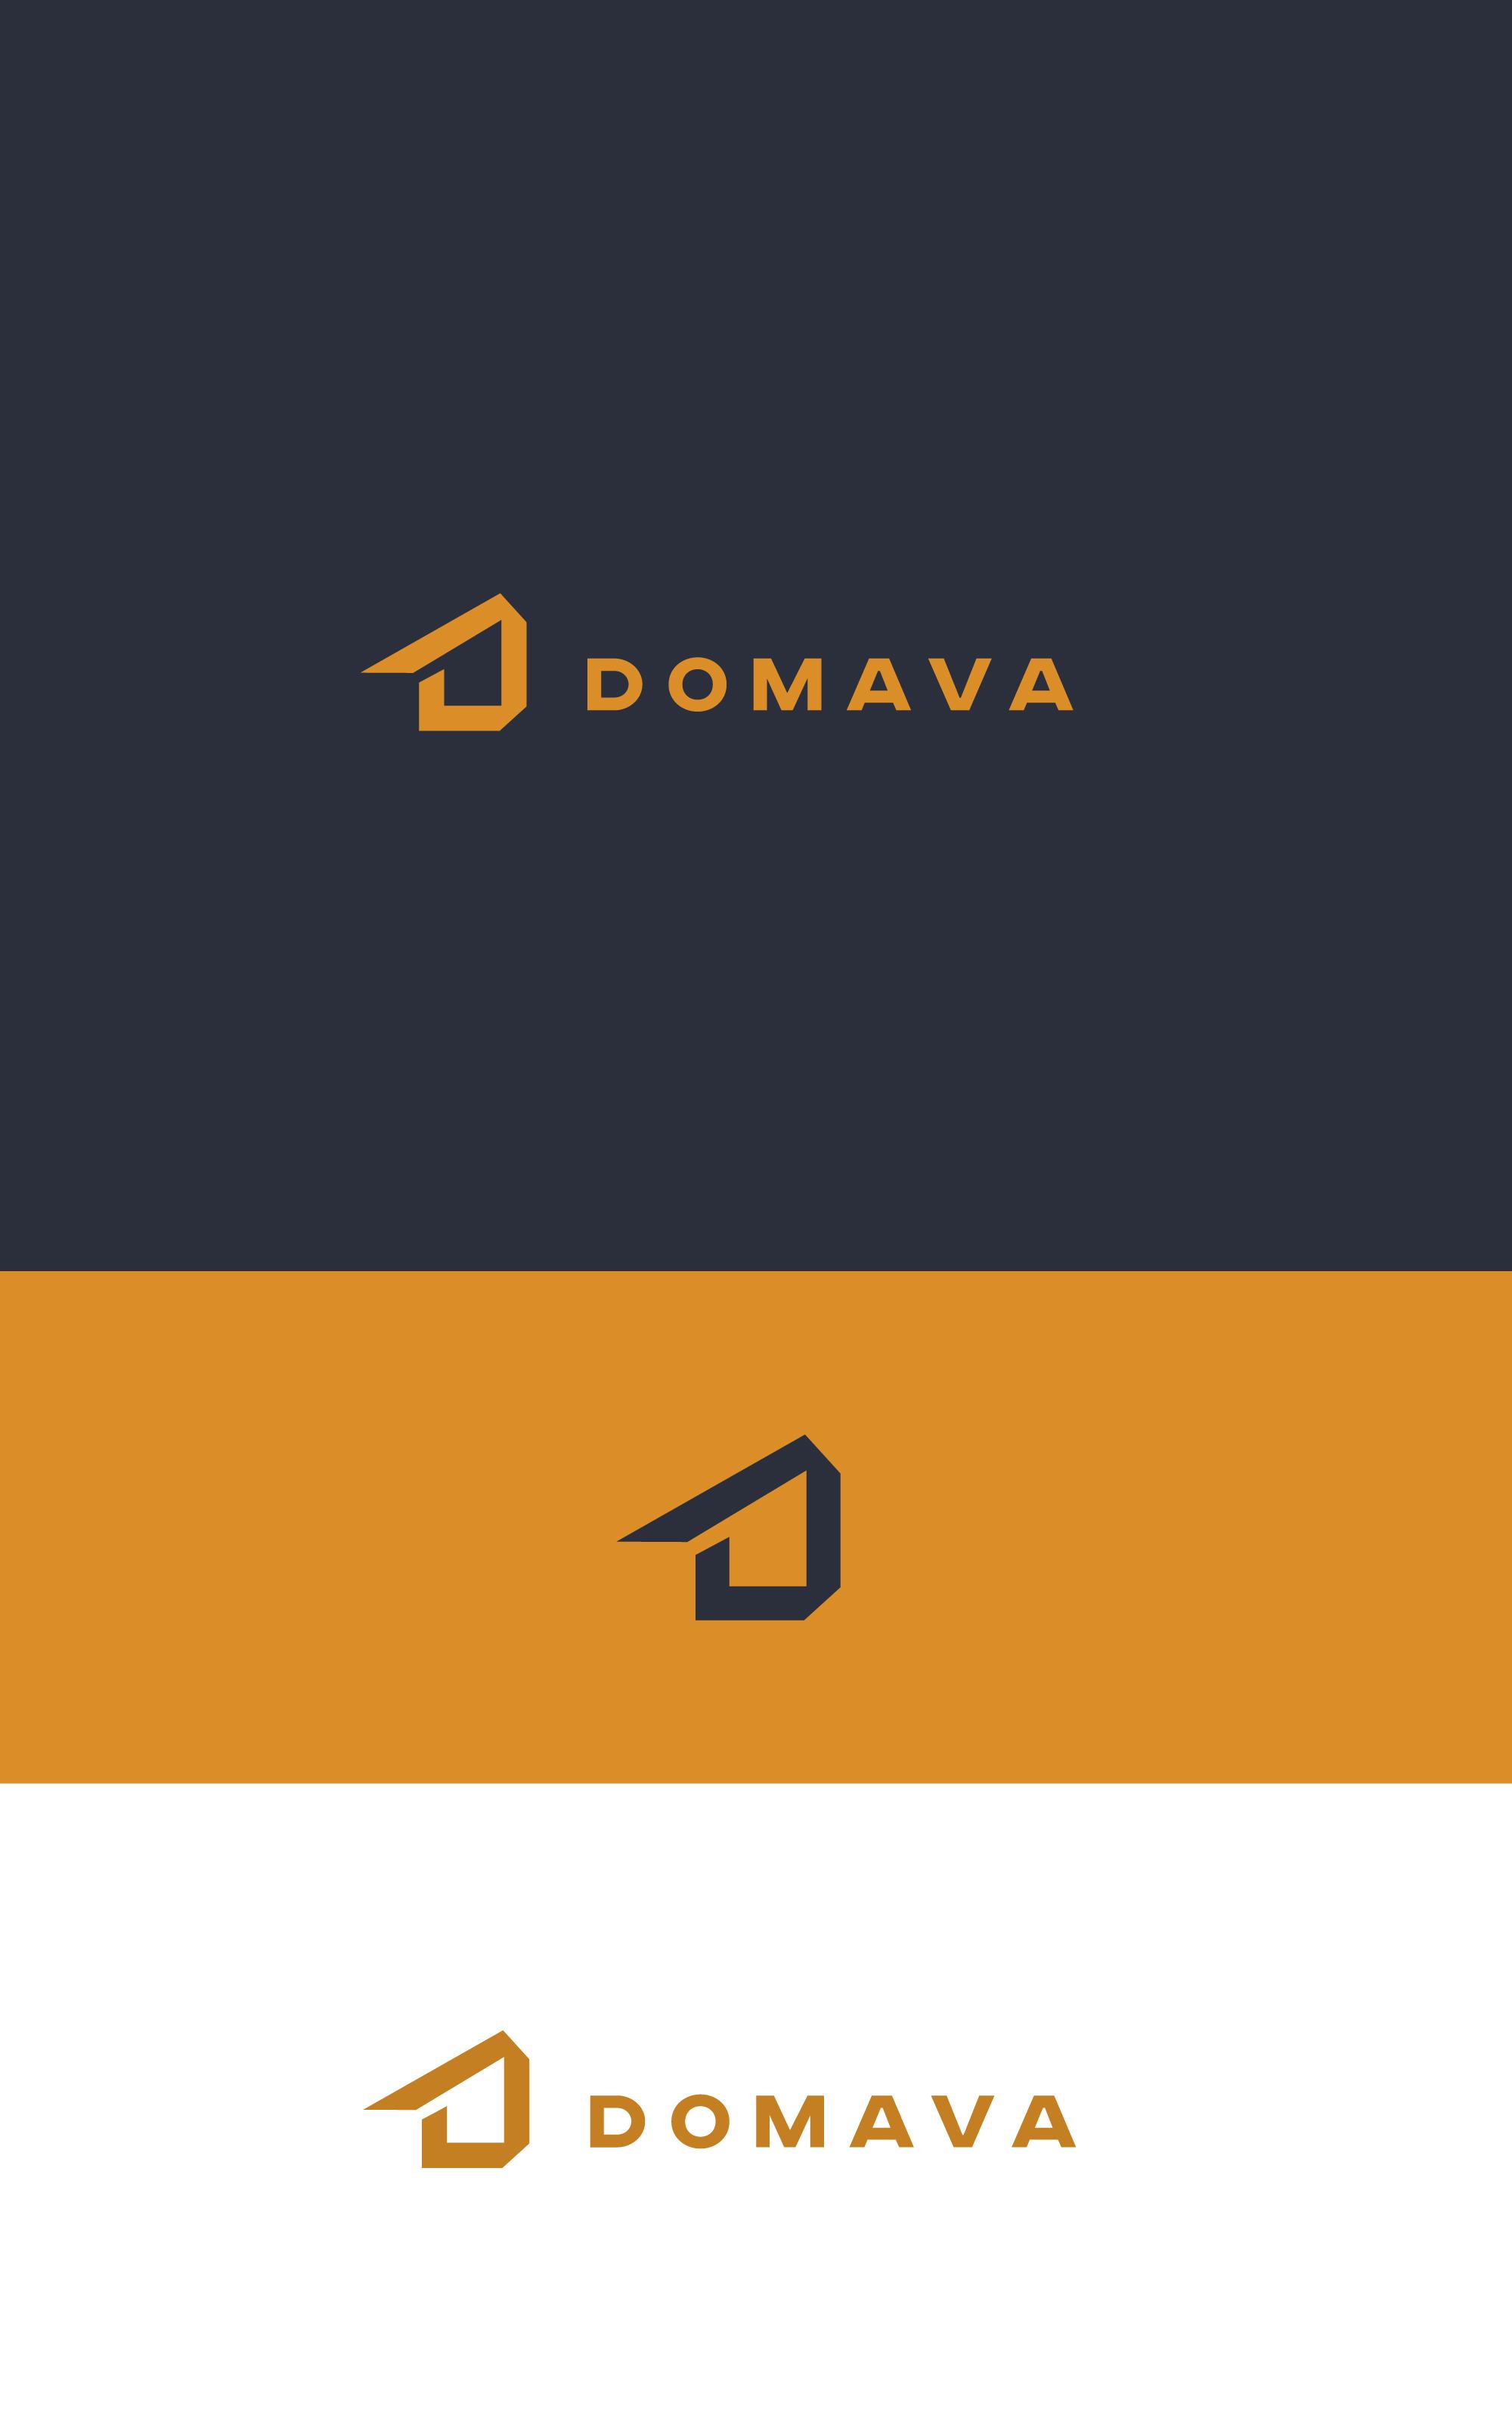 Разработка логотипа с паспортом стандартов фото f_6925ba26b8b44da8.jpg